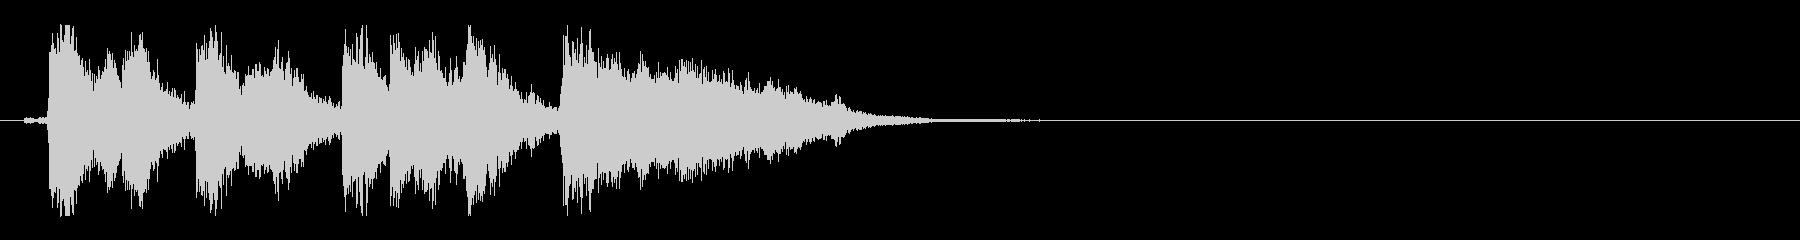 懐かしのカトゥーンアニメ系ジングルの未再生の波形